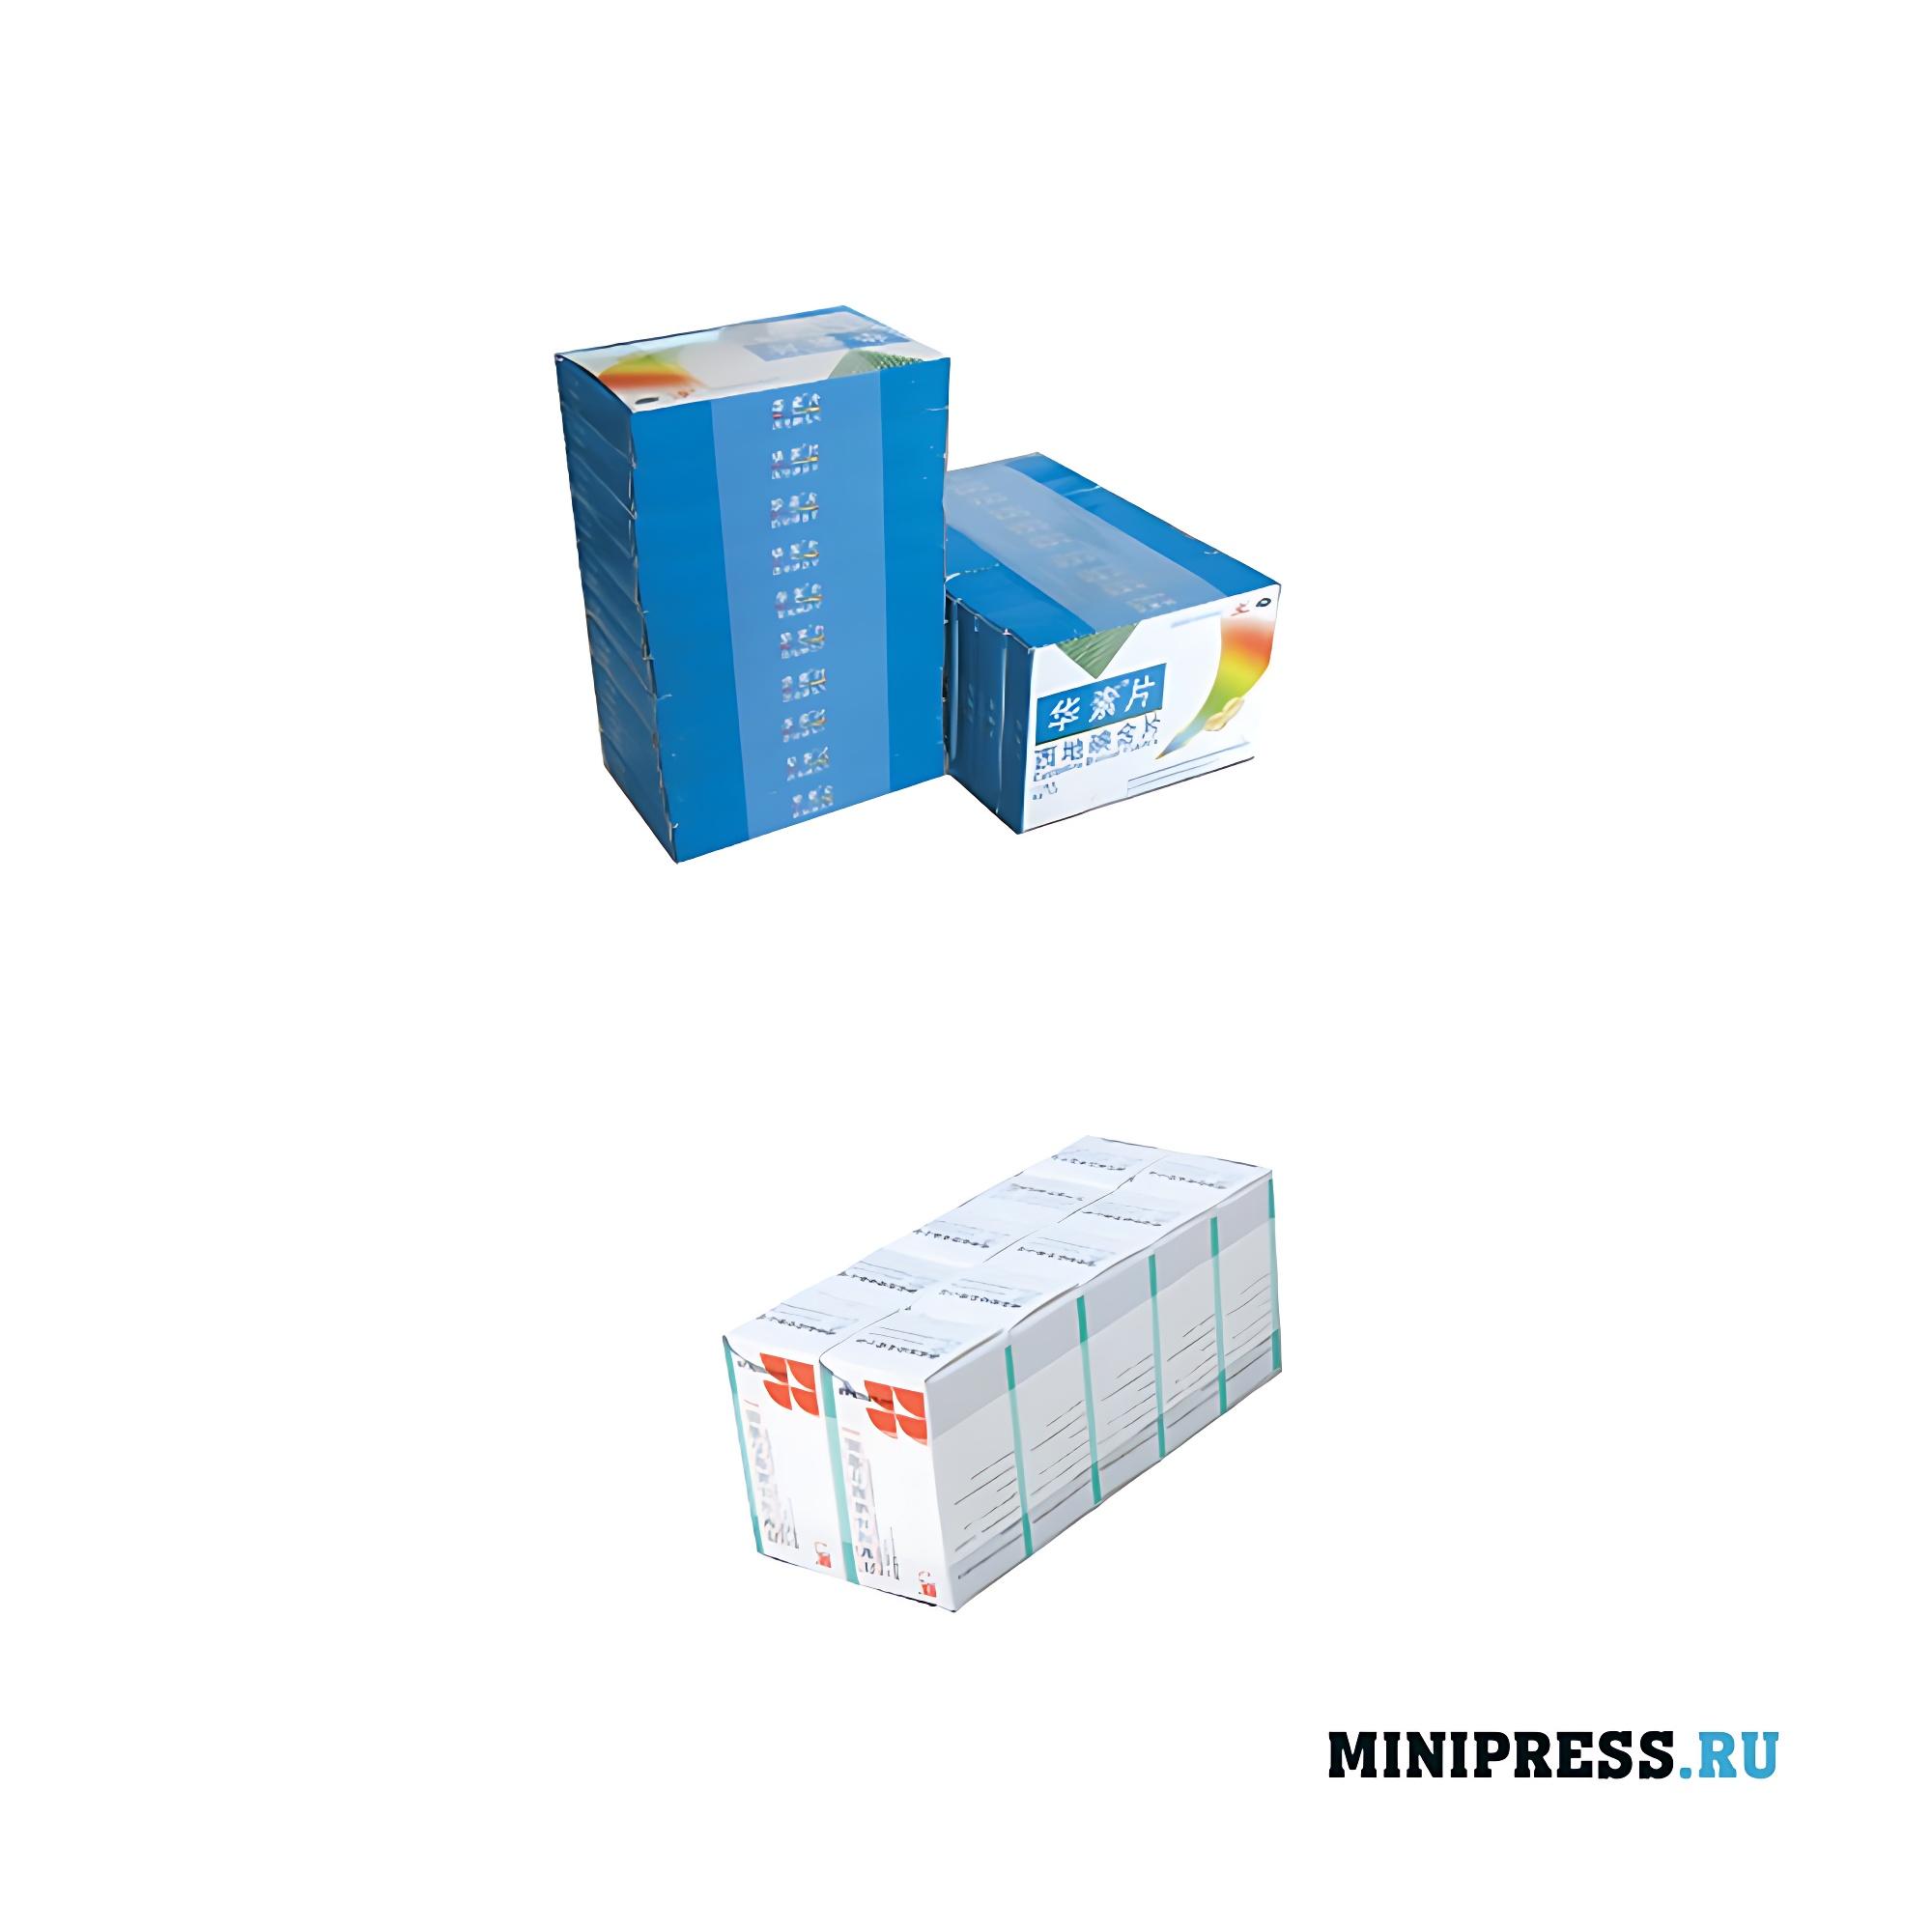 Групповая упаковка медицинских коробочек